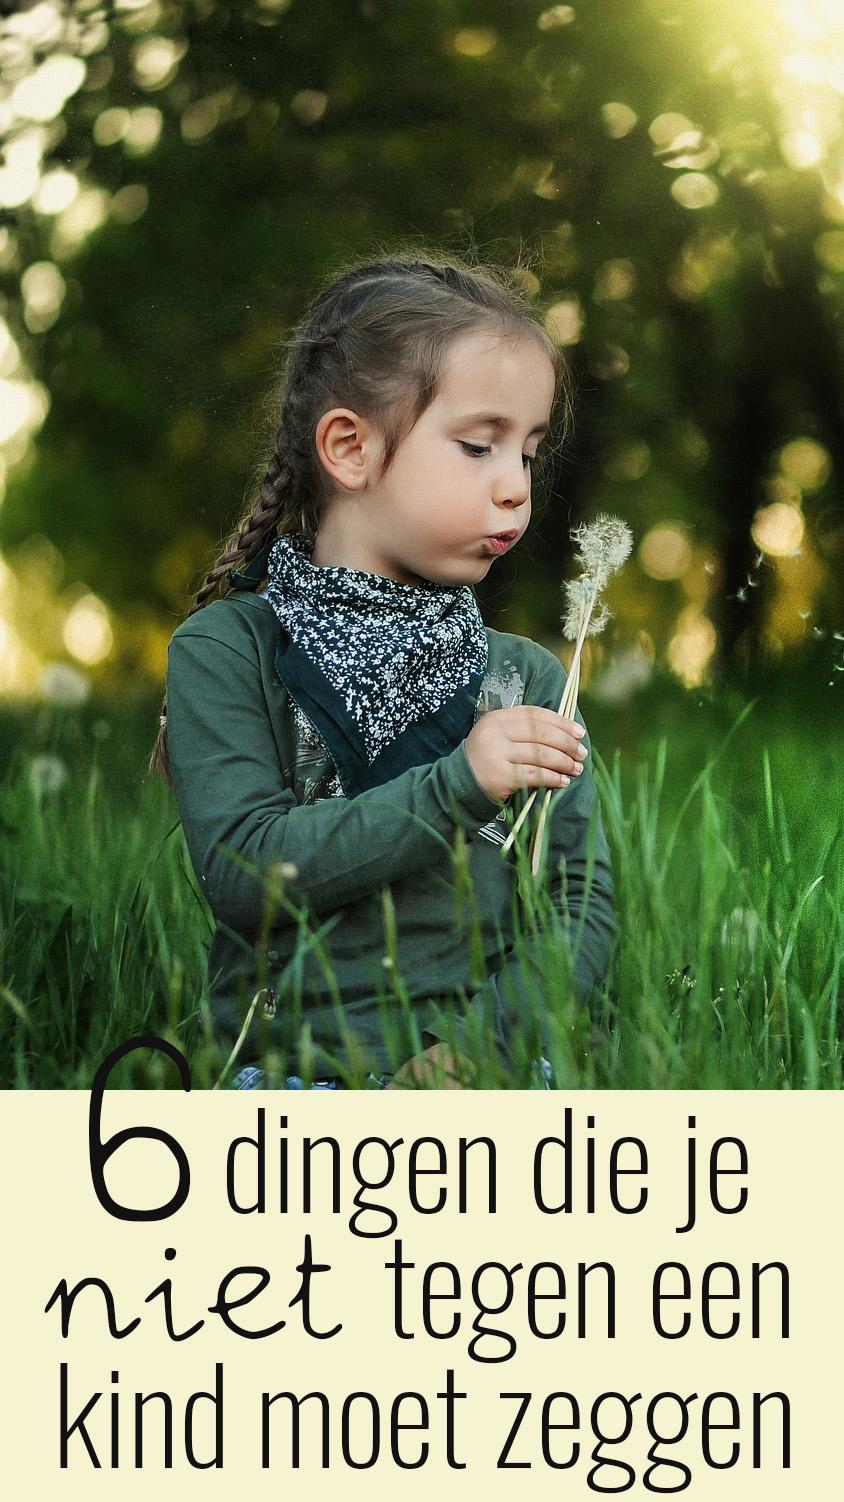 6 dingen die je niet tegen een kind moet zeggen